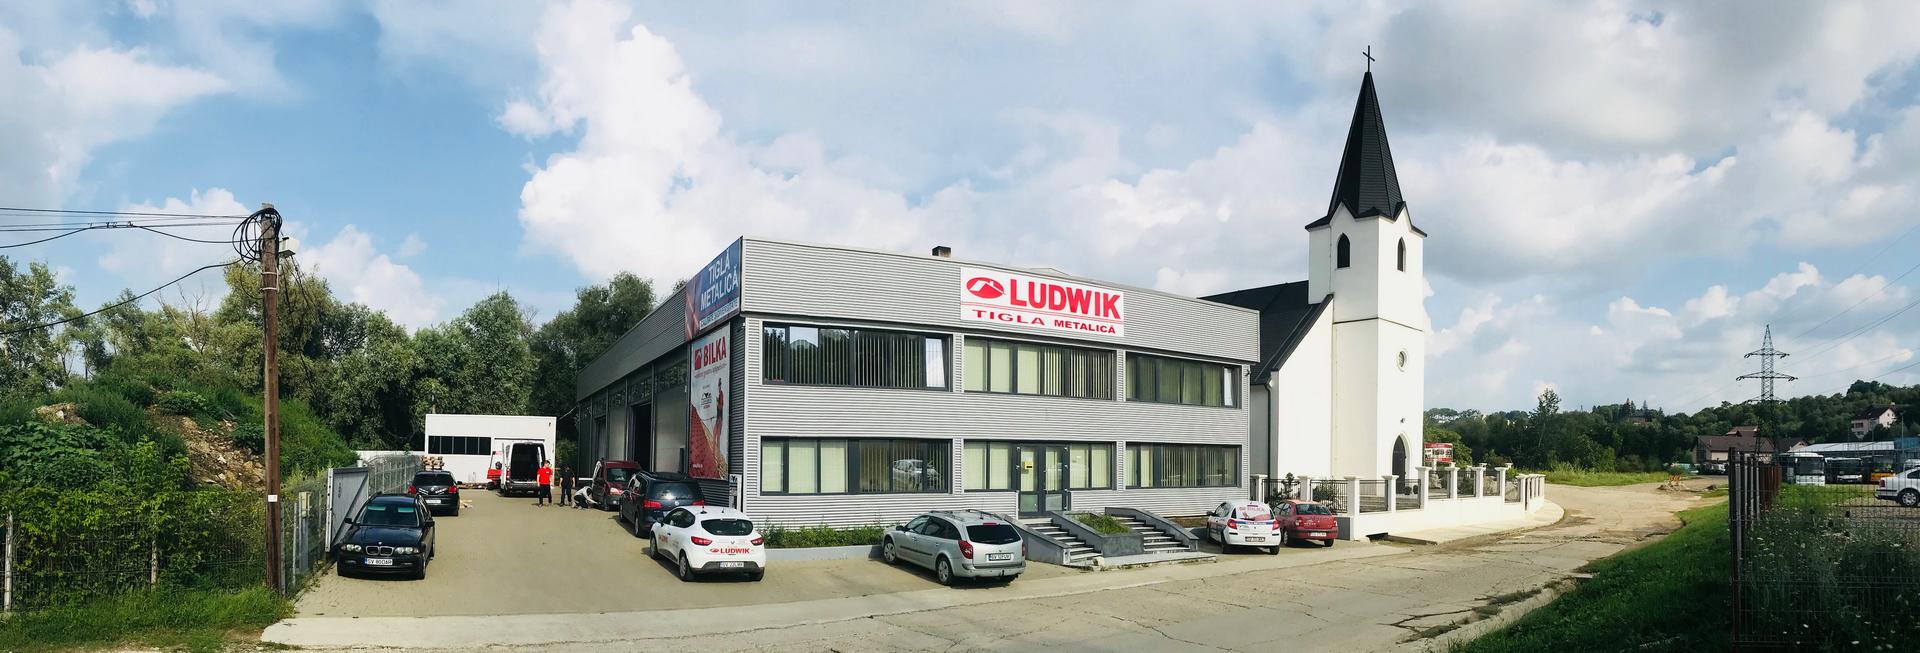 Ludwik sediu Panorama